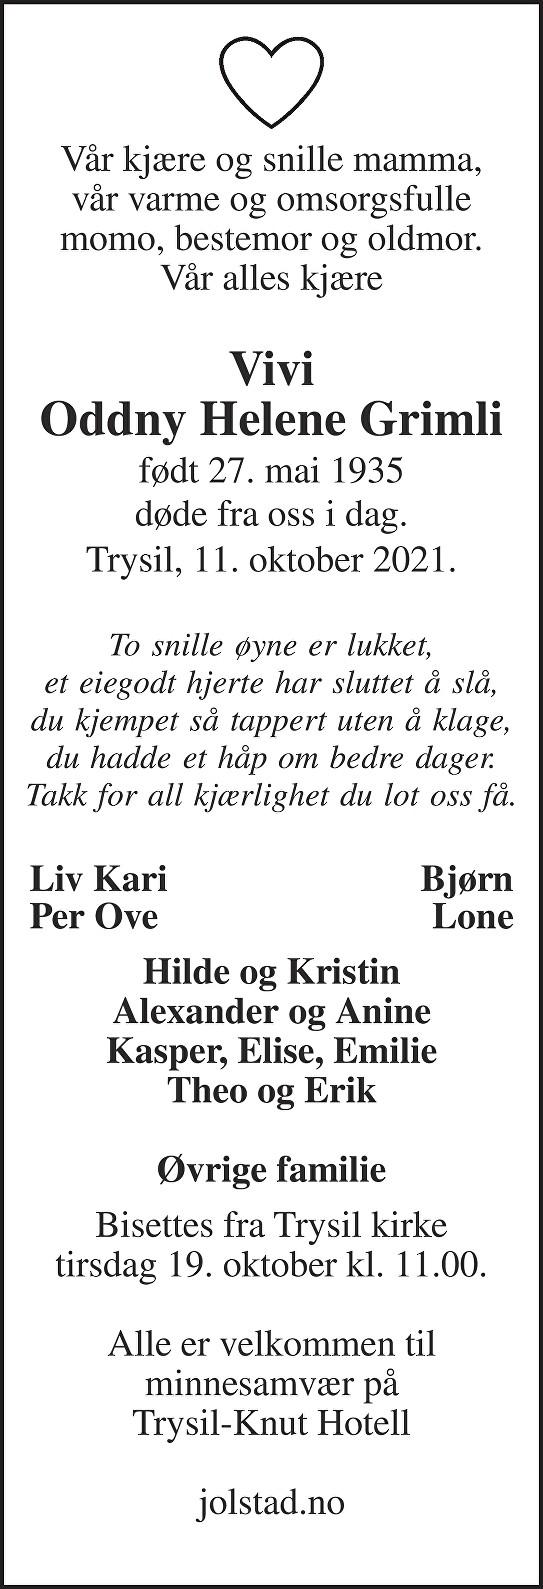 Vivi, Oddny Helene Grimli Dødsannonse